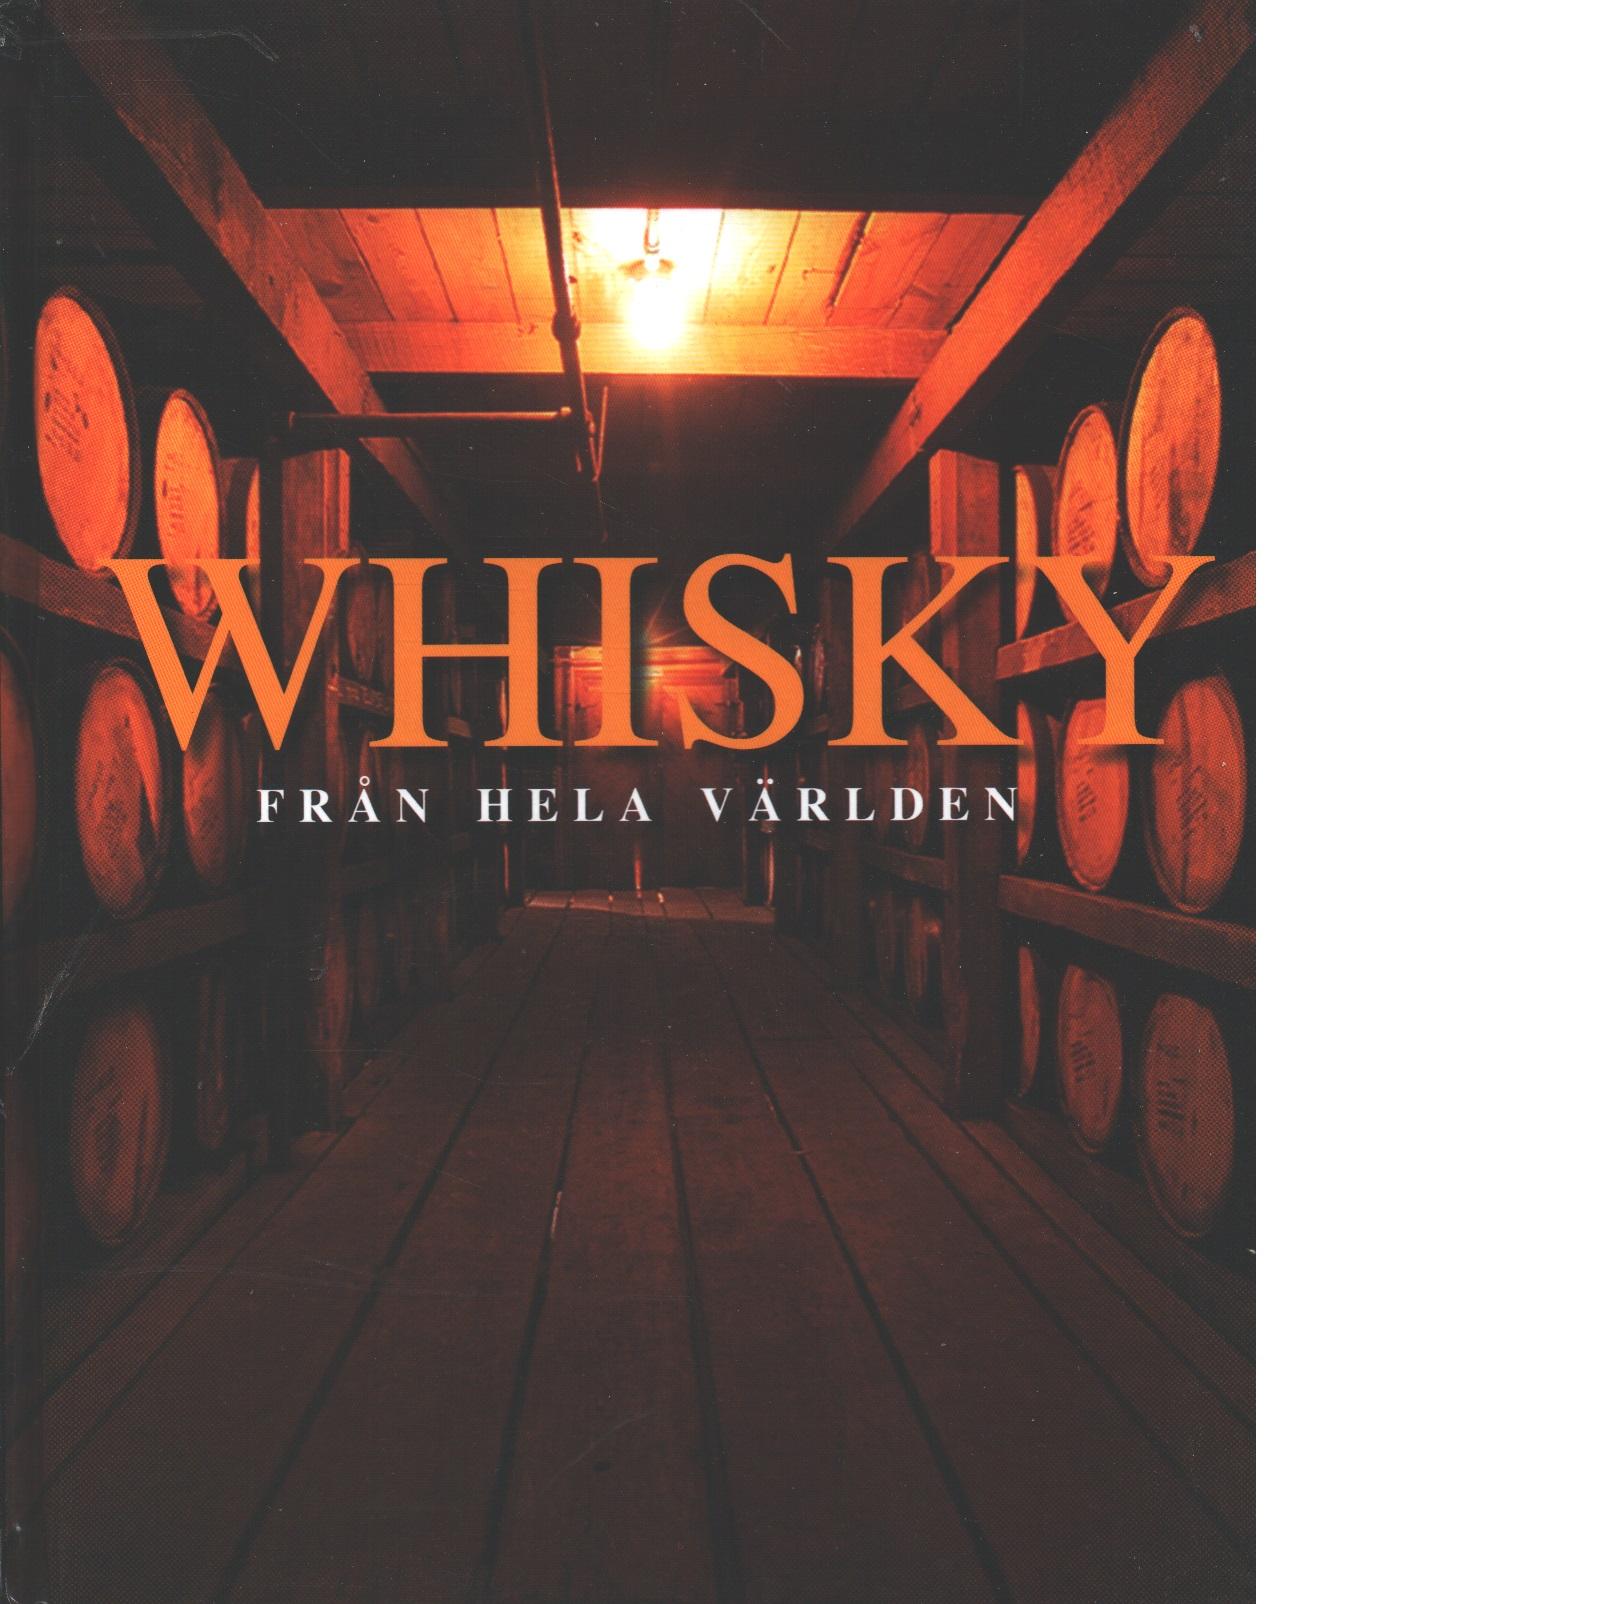 Whisky från hela världen - Hoffmann, Marc A.